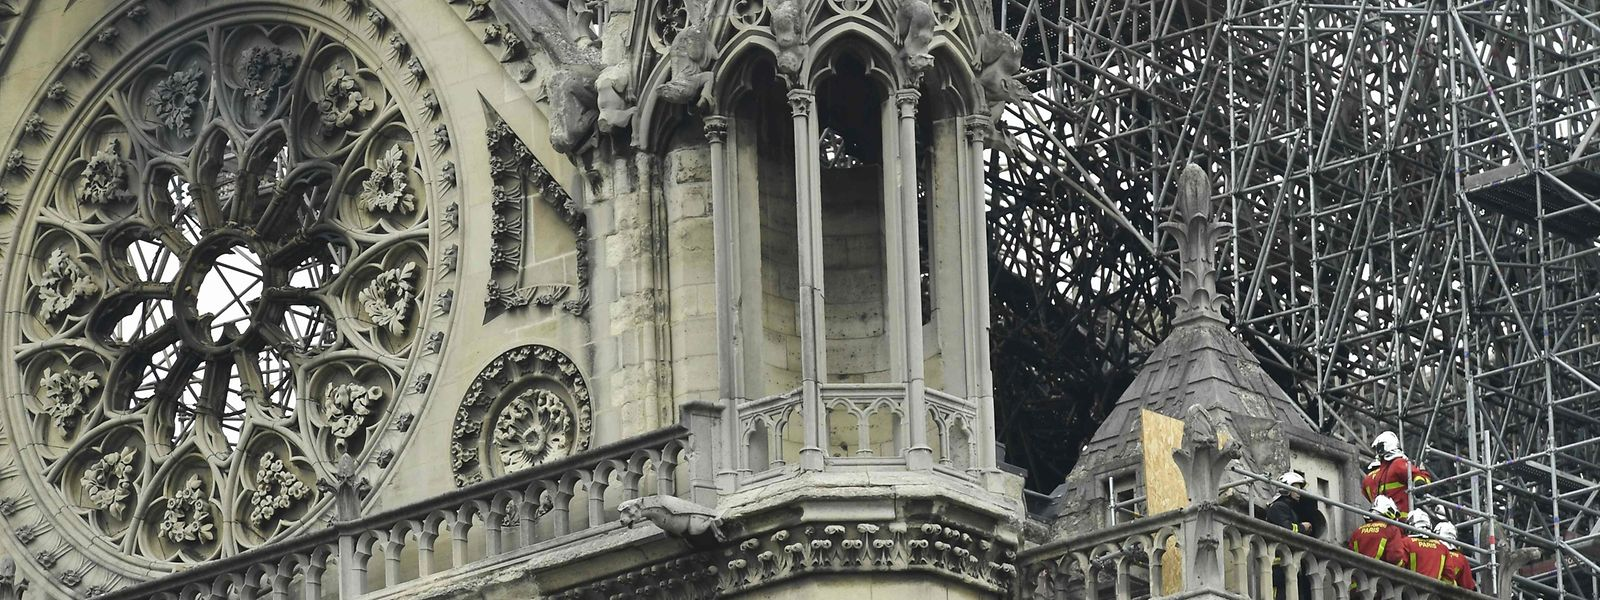 Quelques heures après l'incendie de la cathédrale, quelque 300 millions d'euros de dons ont d'ores et déjà été annoncés pour rénover Notre-Dame.